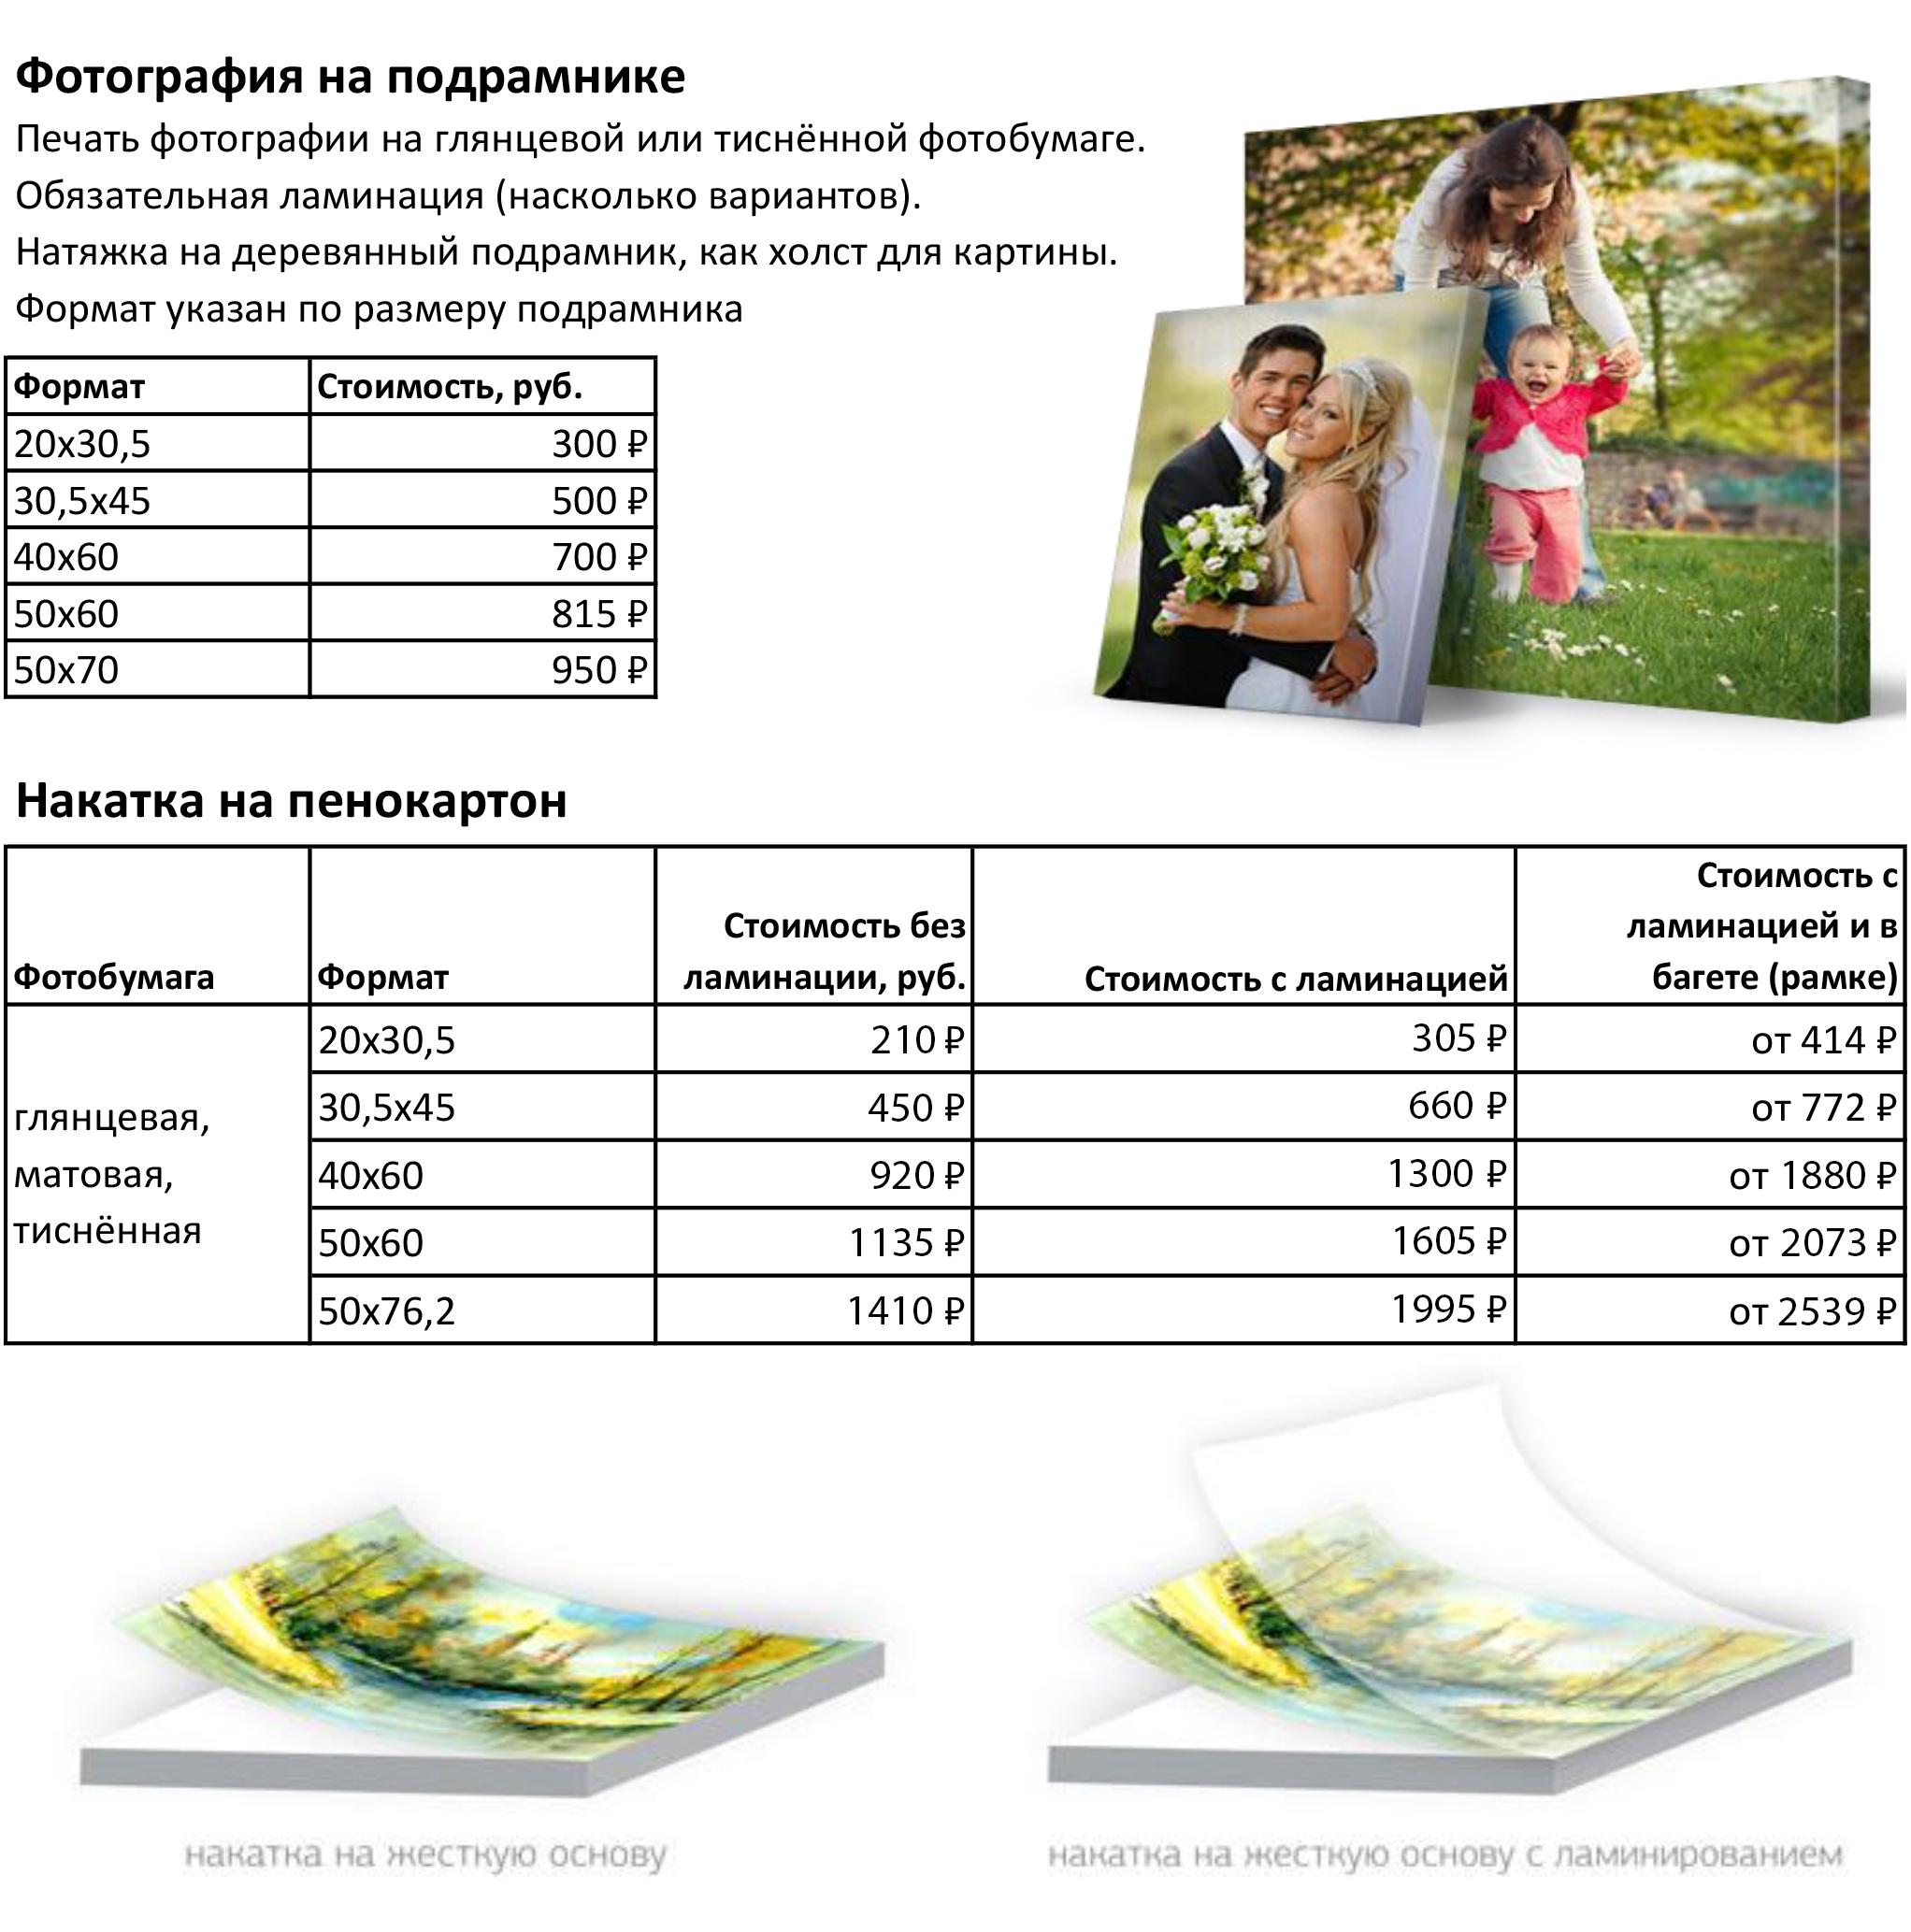 http://artphotolab.ru/wp-content/uploads/2020/05/Прайс-Фото-на-подрамнике-и-накатка-на-пенокартон_2020.jpg